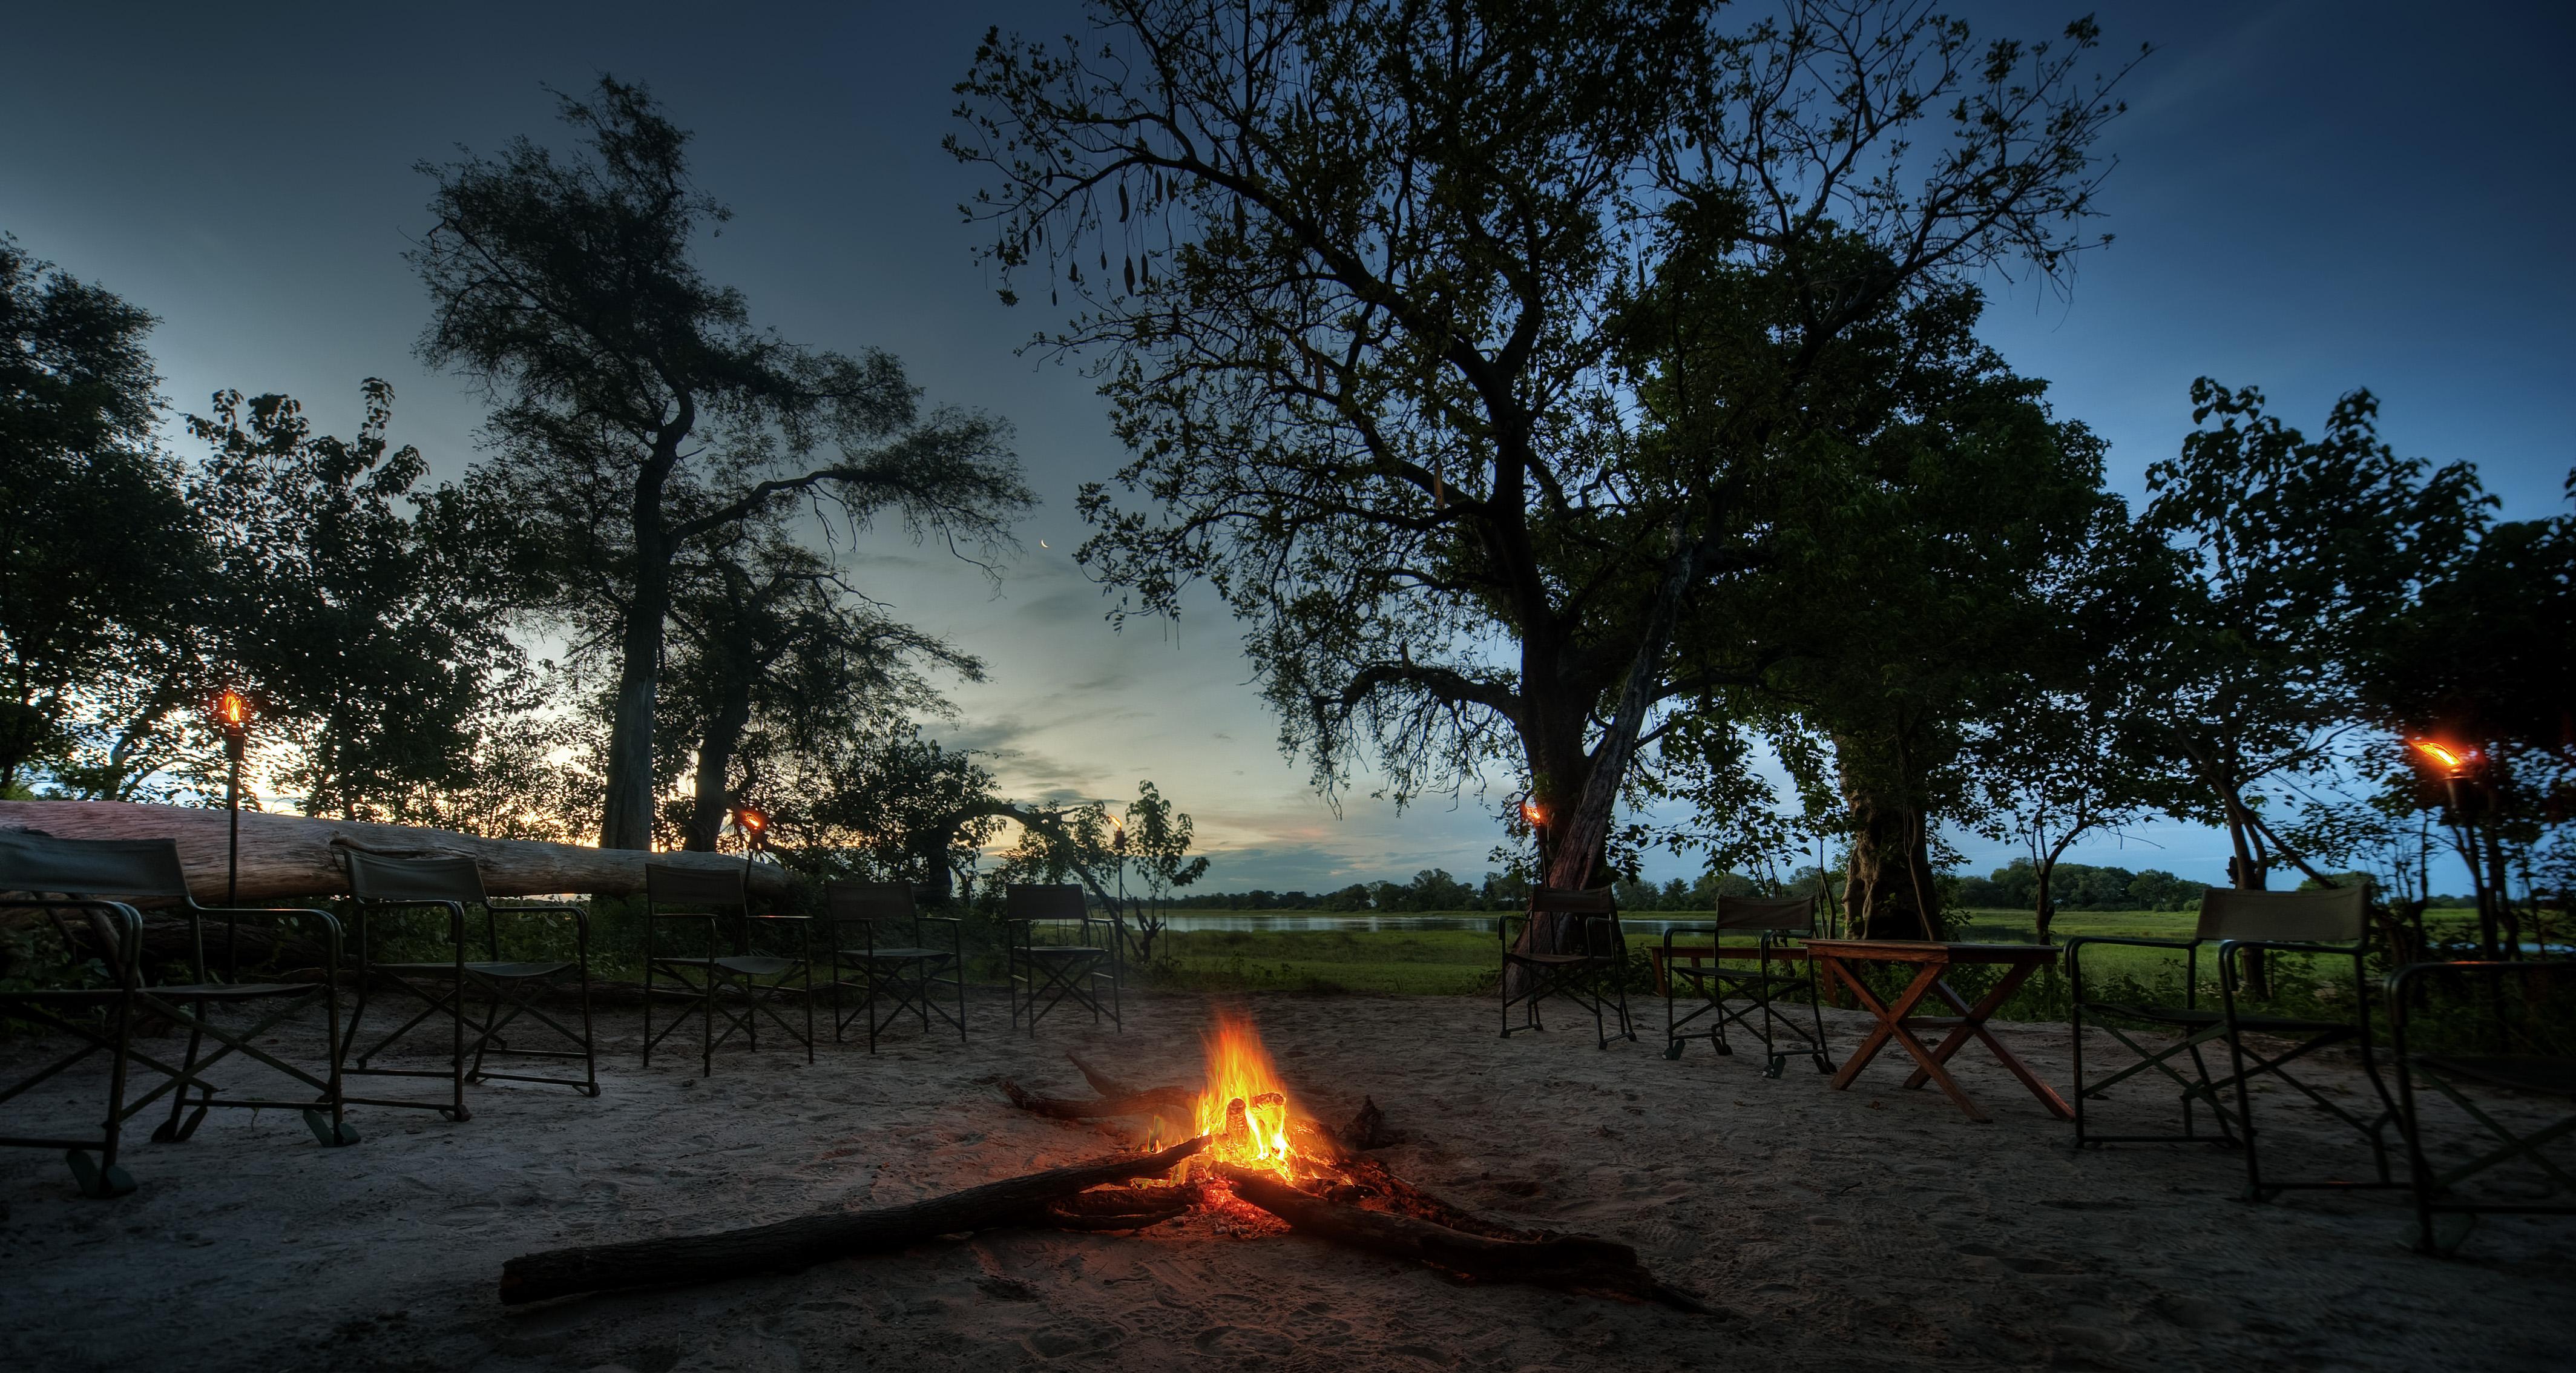 Kwara-Camp-Botswana-Camp Fire